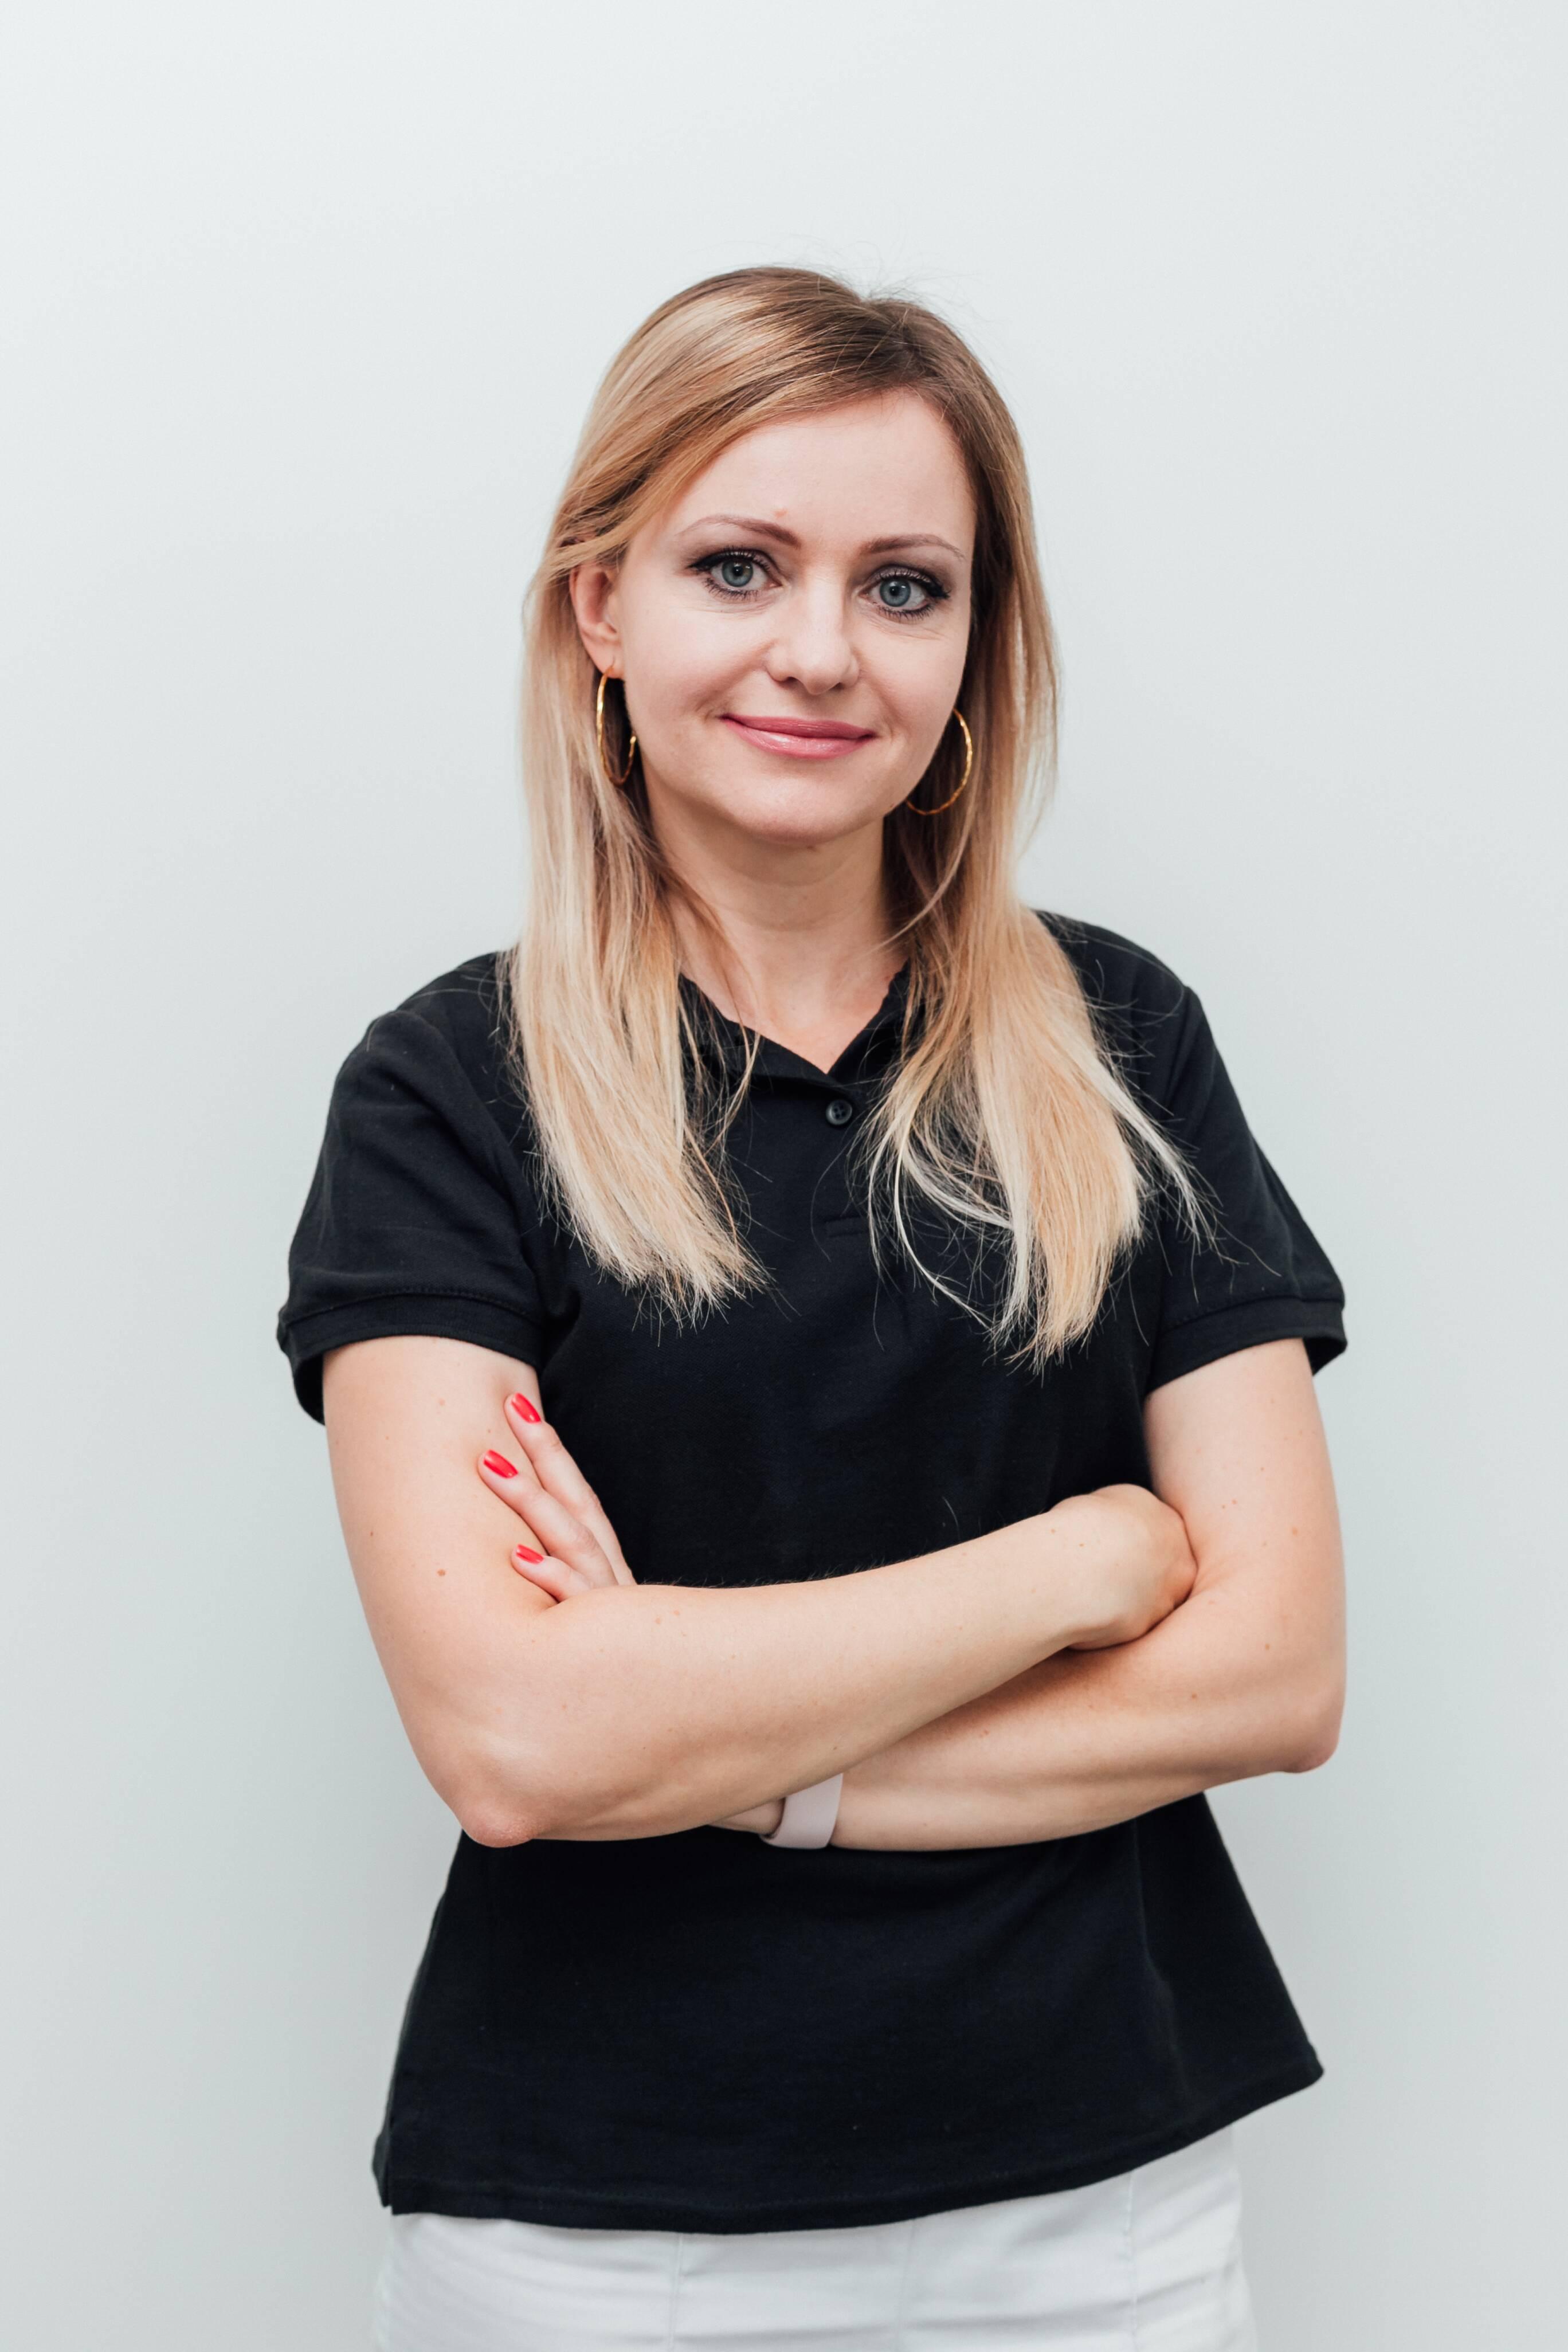 лікар Антонець Наталія  Володимирівна: опис, відгуки, послуги, рейтинг, записатися онлайн на сайті h24.ua